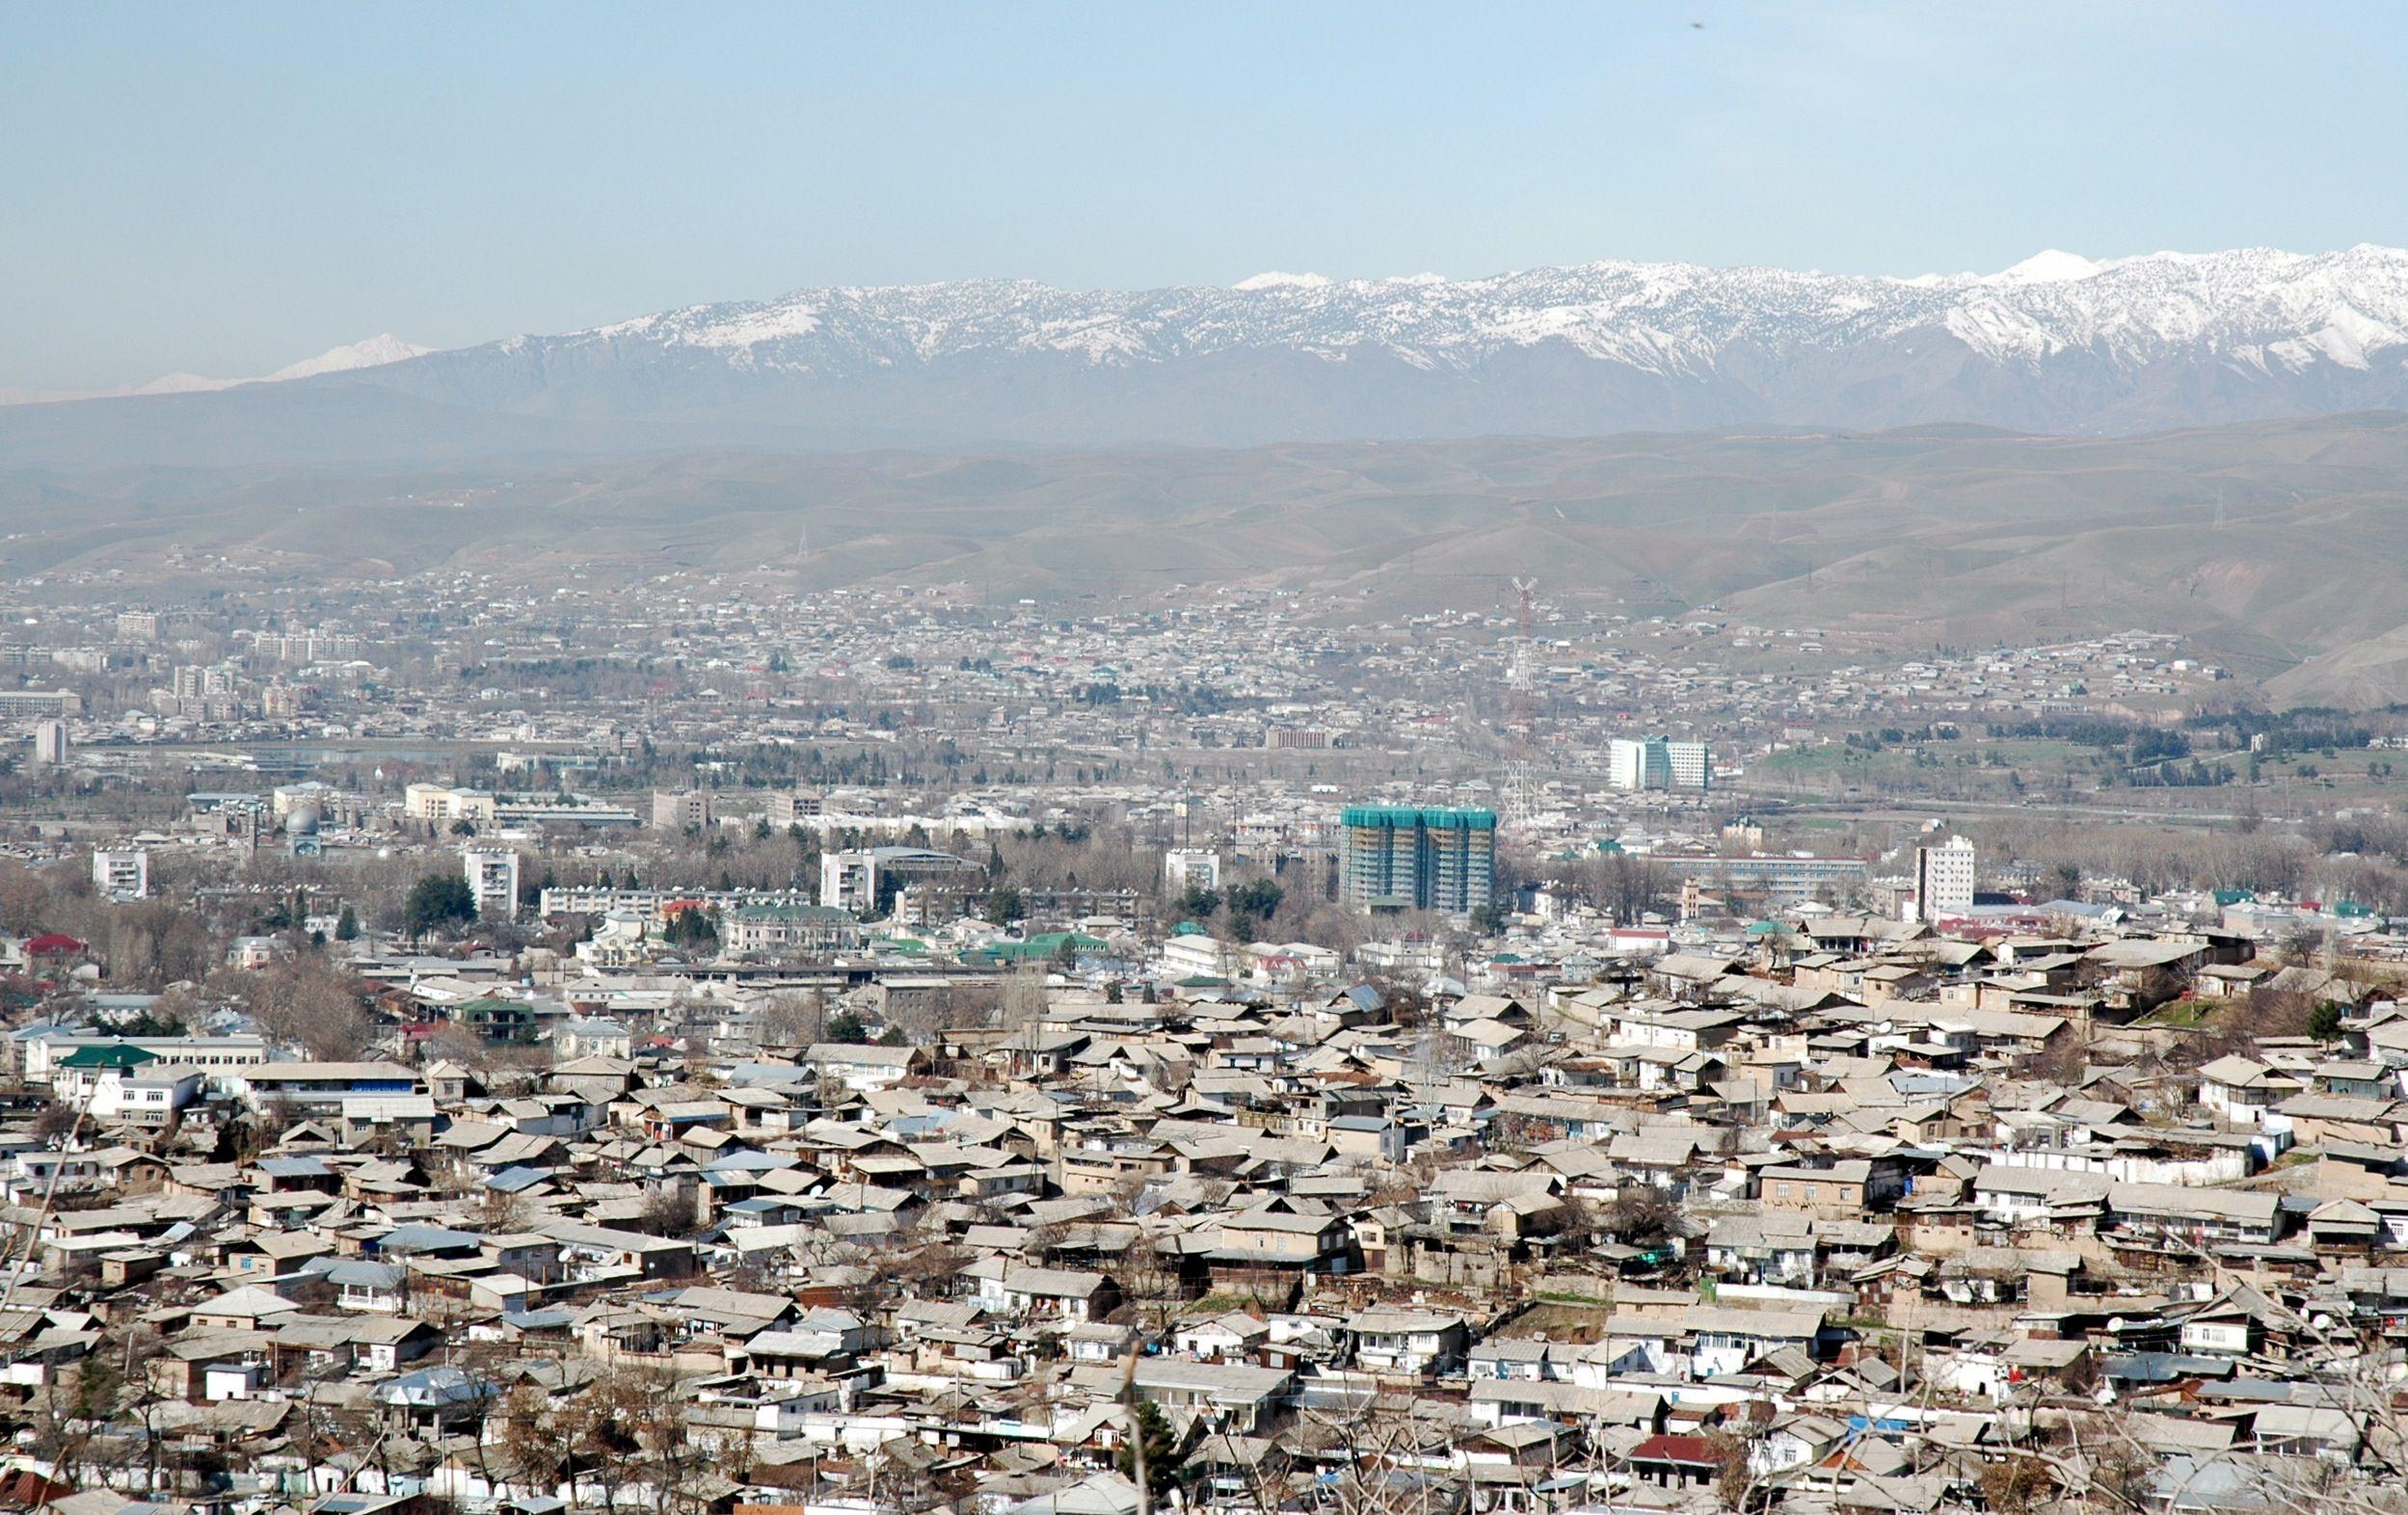 ¿A qué país pertenece Dusambé/Dushanbe?